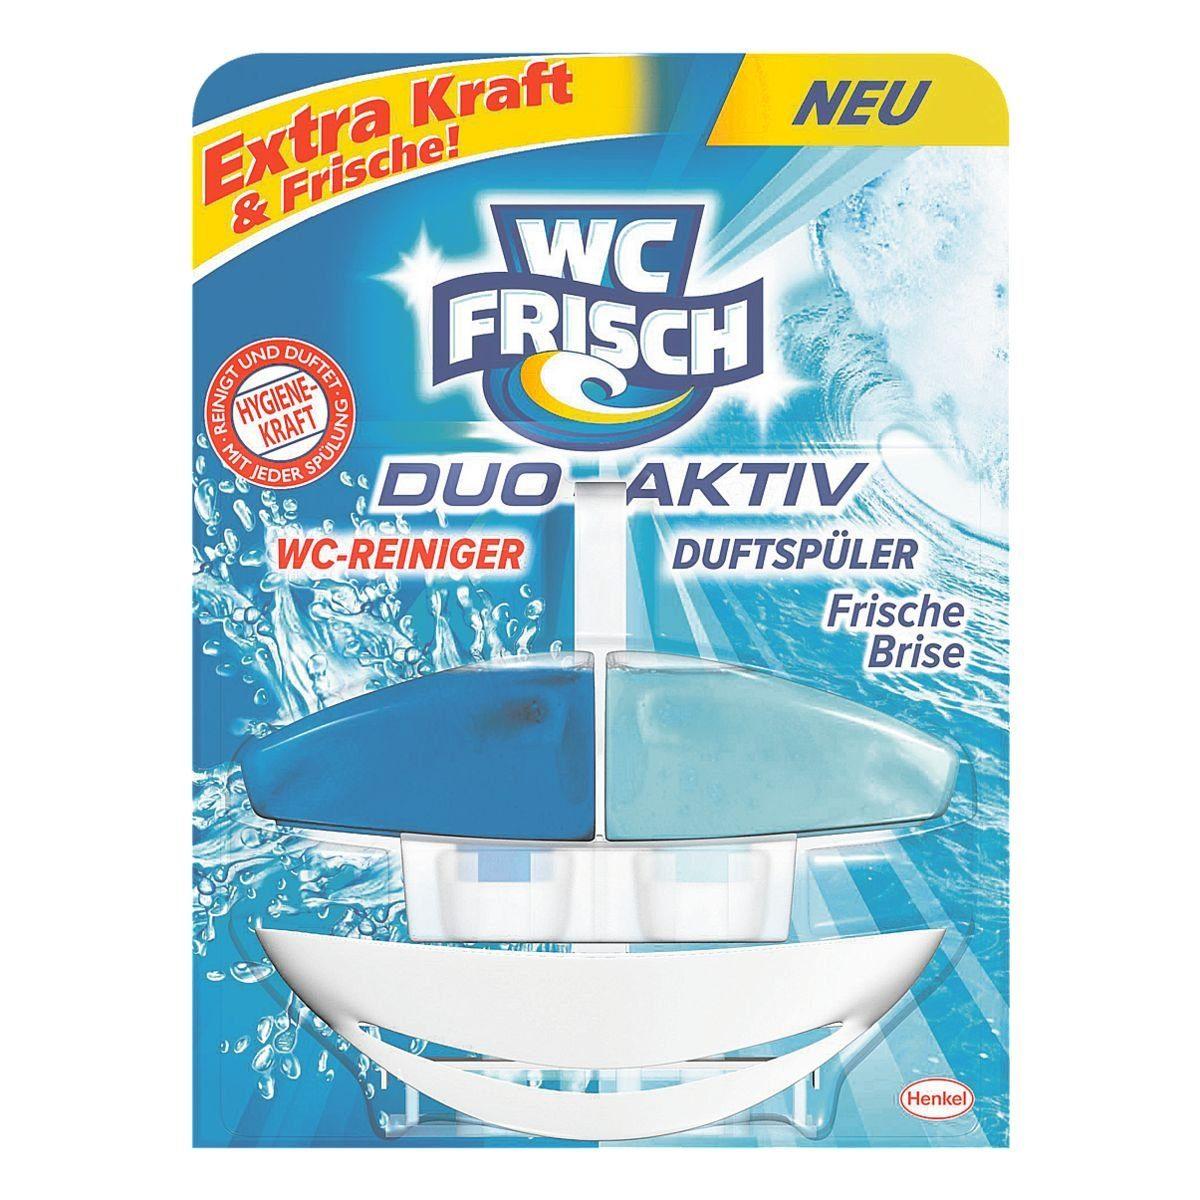 WCFRISCH WC-Reiniger »WC Frisch Duo-Aktiv Frische Brise«